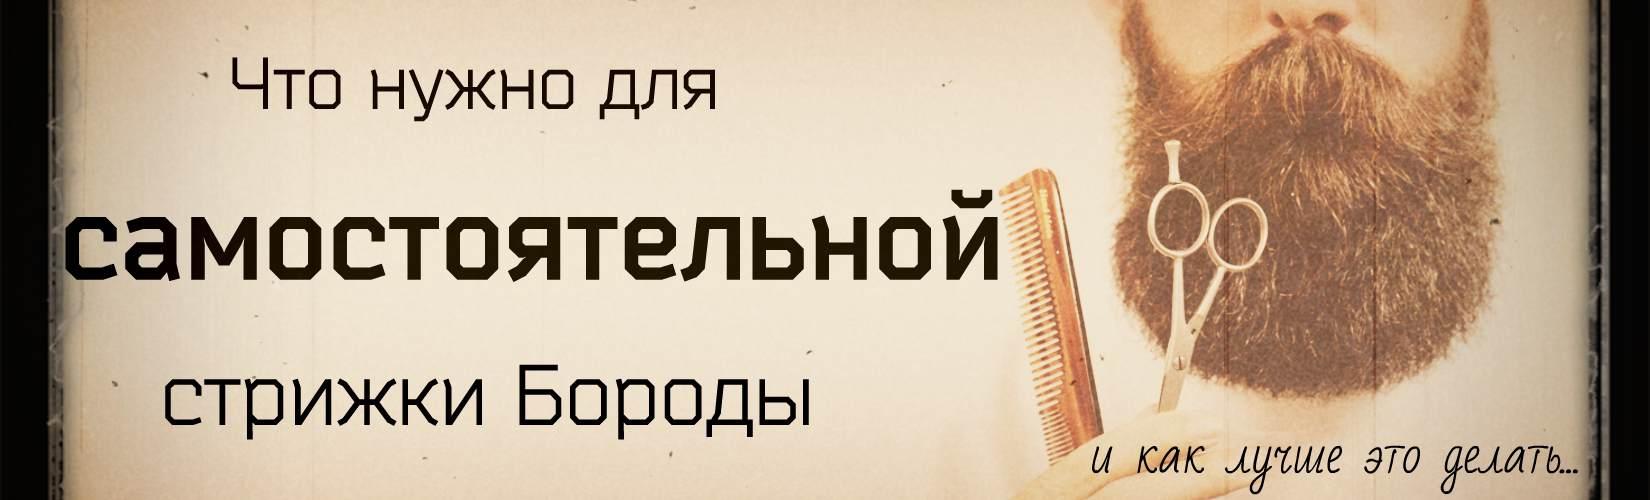 Что нужно для самостоятельной стрижки бороды